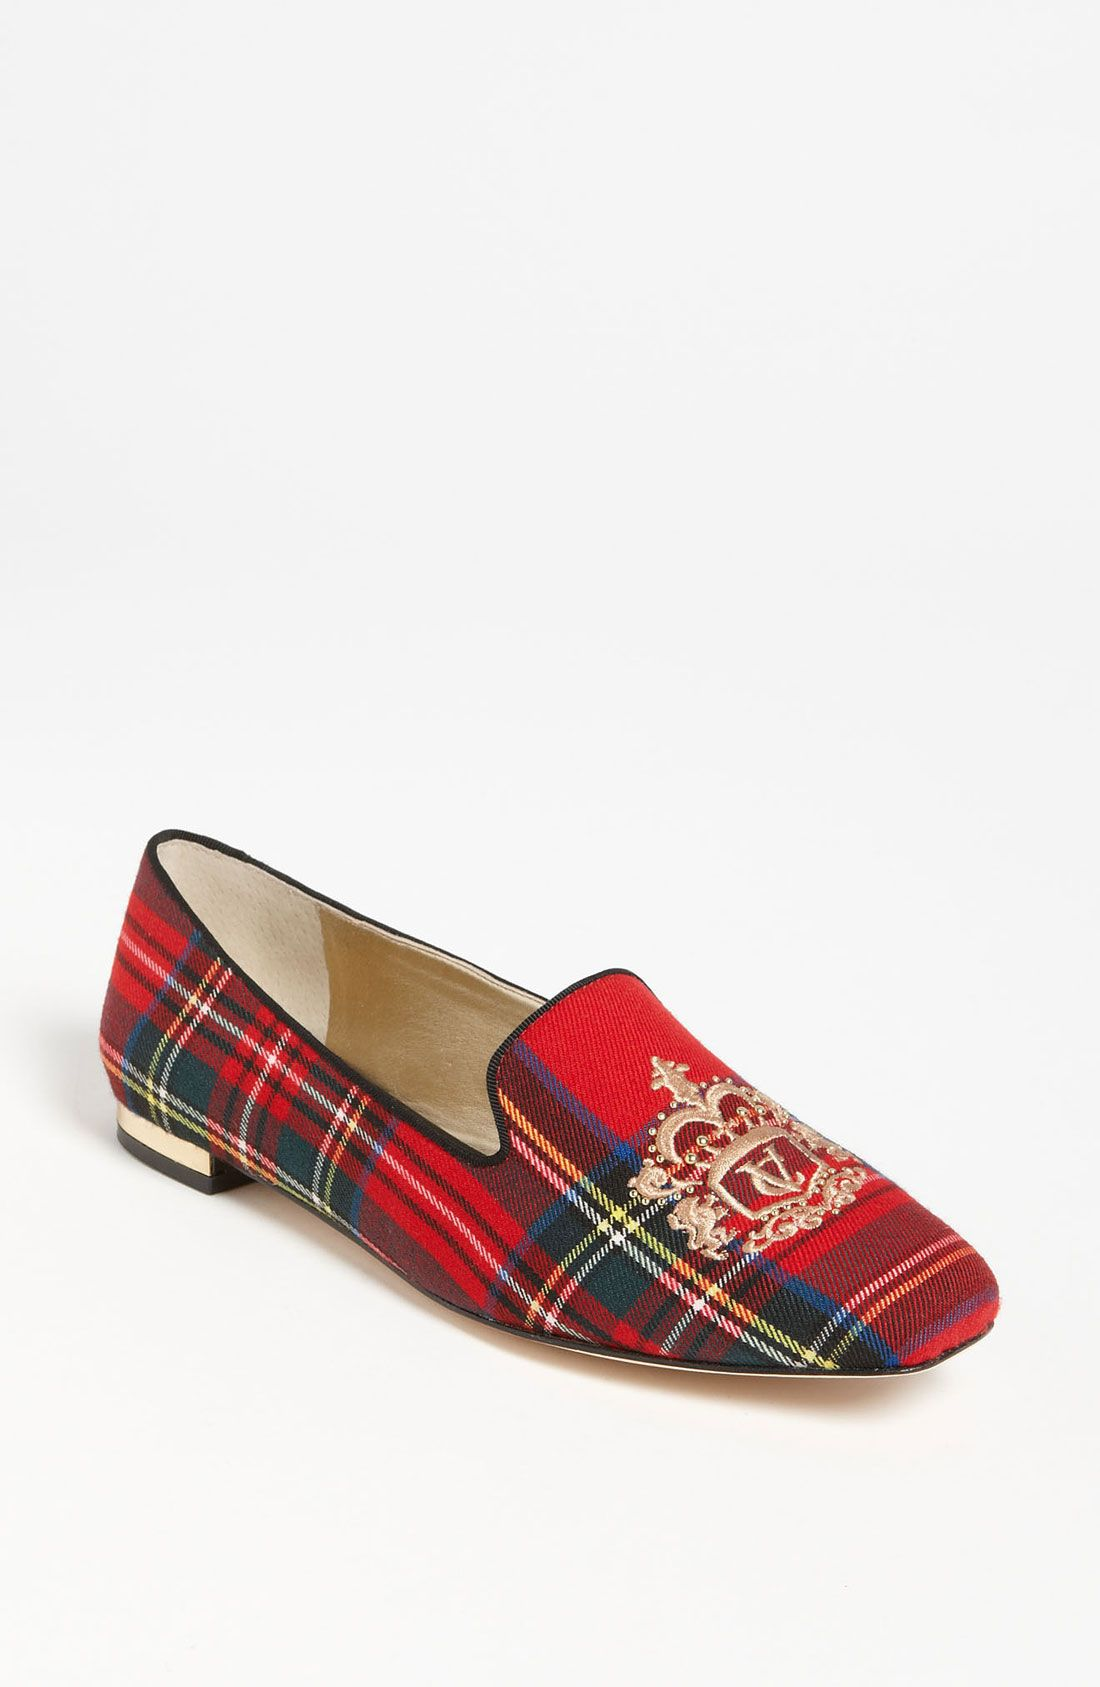 5dea730ea7b8d VC Signature 'Zan' Loafer | Footwear in 2019 | Loafers, Tartan ...